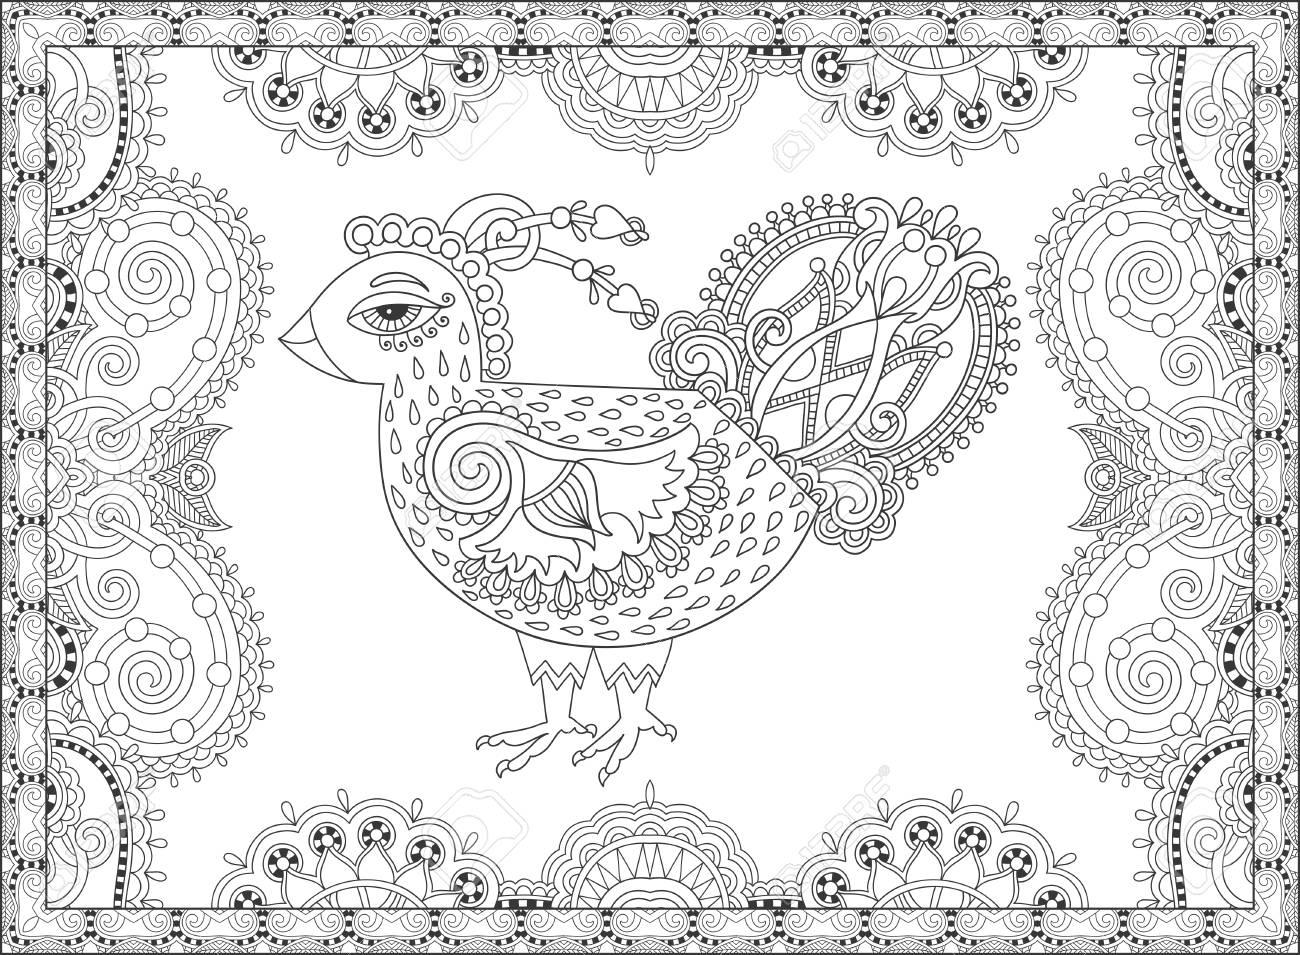 Línea Arte De Dibujo De Gallo Para Colorear Página Del Libro Alegría